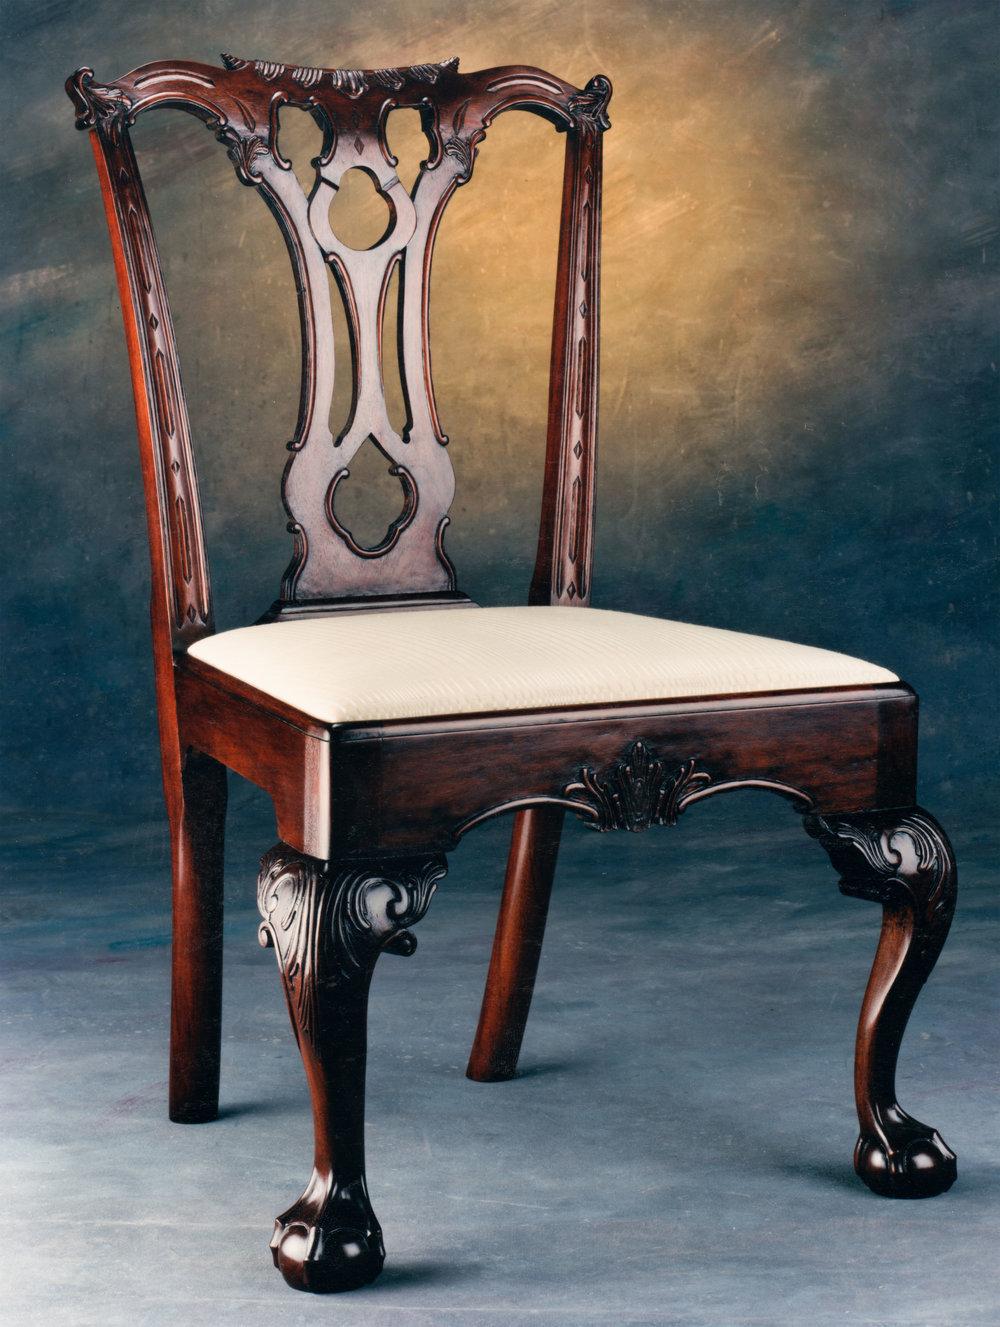 repro-c1760_Philadelphia_MidAtlantic_chair-01